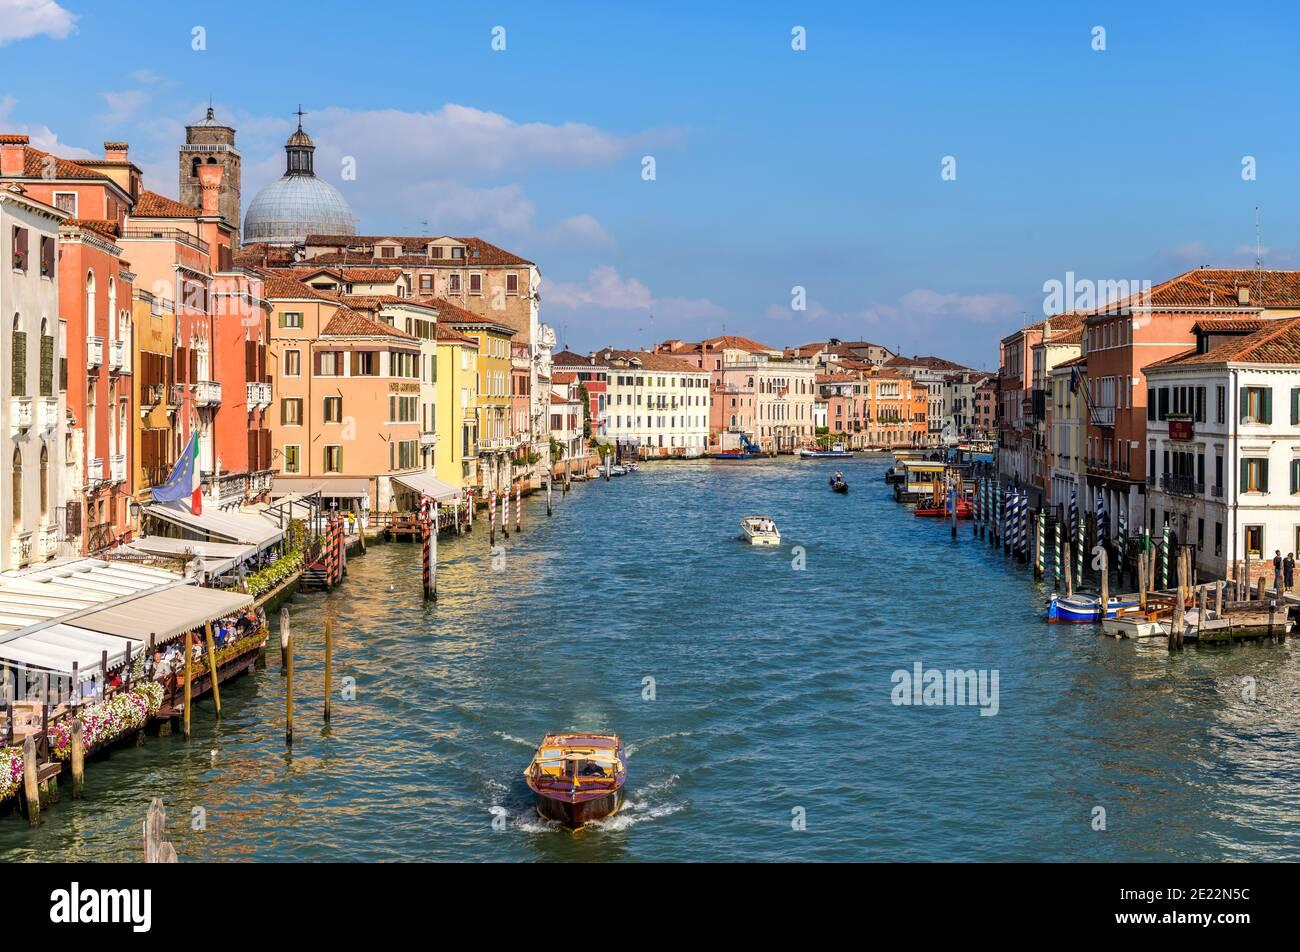 Canal Grande - una vista soleggiata di un'ampia sezione del Canal Grande, vicino alla stazione ferroviaria di Santa Lucia, come si vede dal Ponte Scalzi. Venezia, Italia. Foto Stock